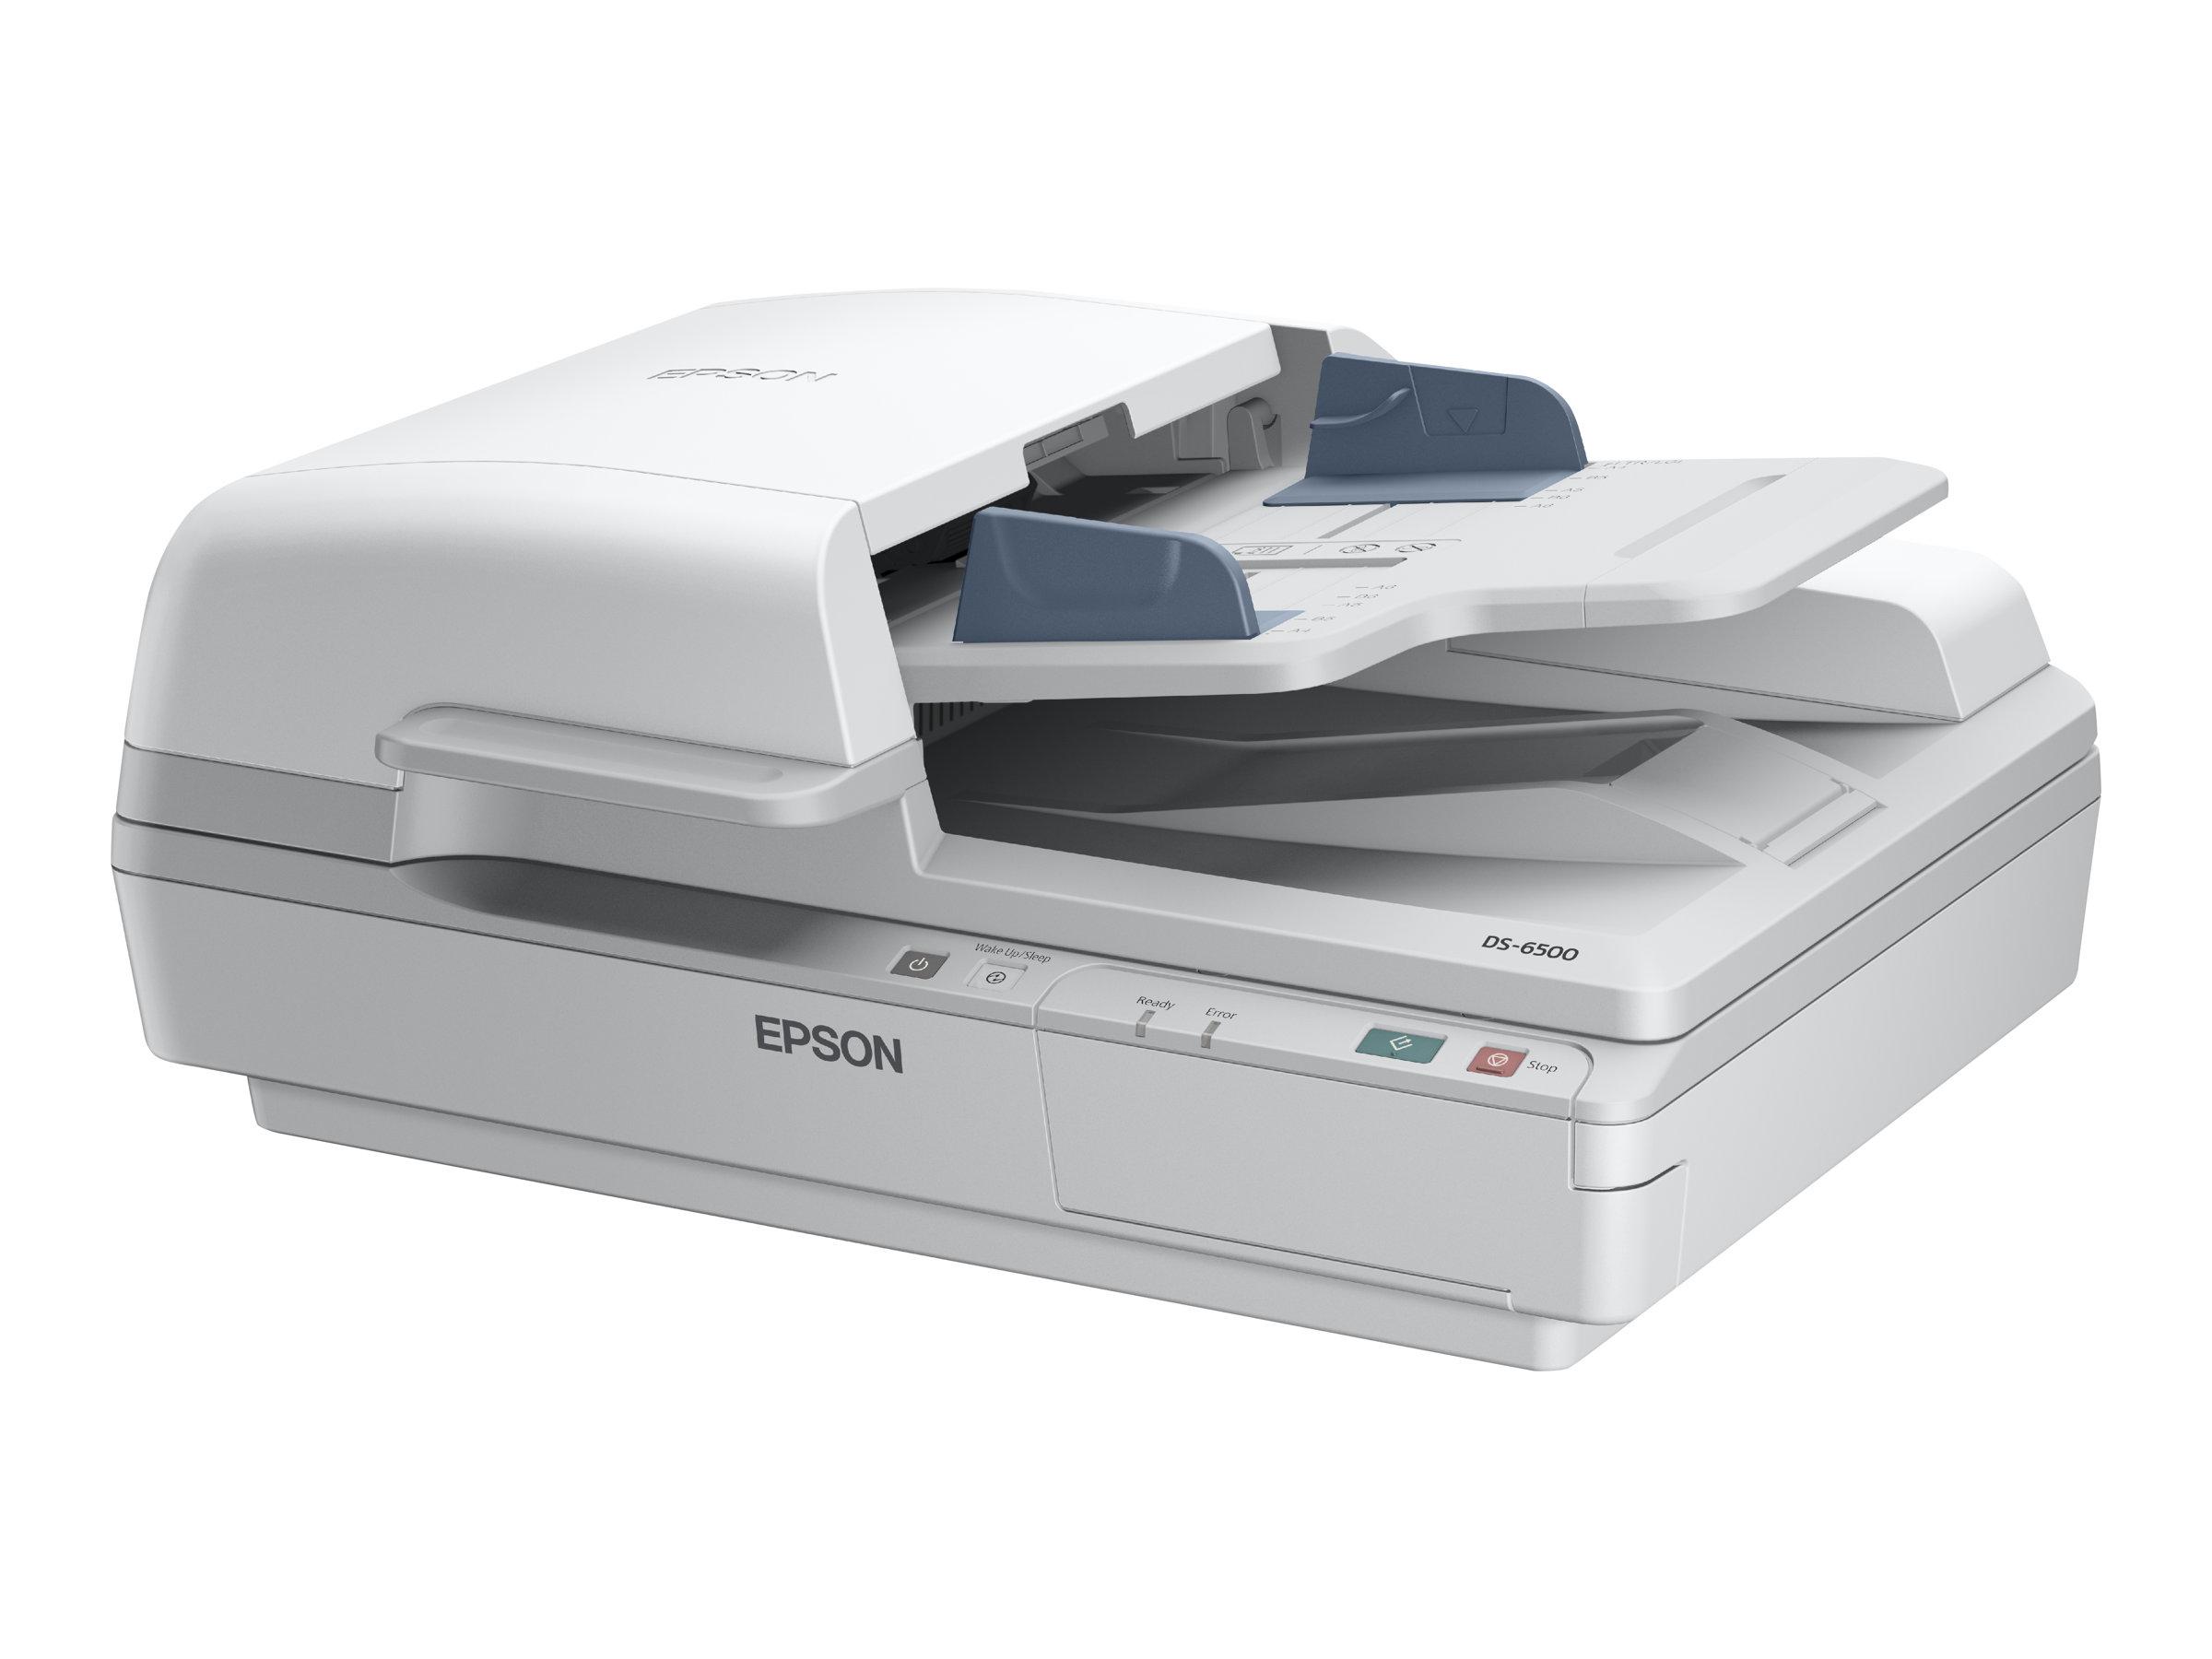 Epson WorkForce DS-7500 - Dokumentenscanner - Duplex - A4 - 1200 dpi x 1200 dpi - bis zu 40 Seiten/Min. (einfarbig)